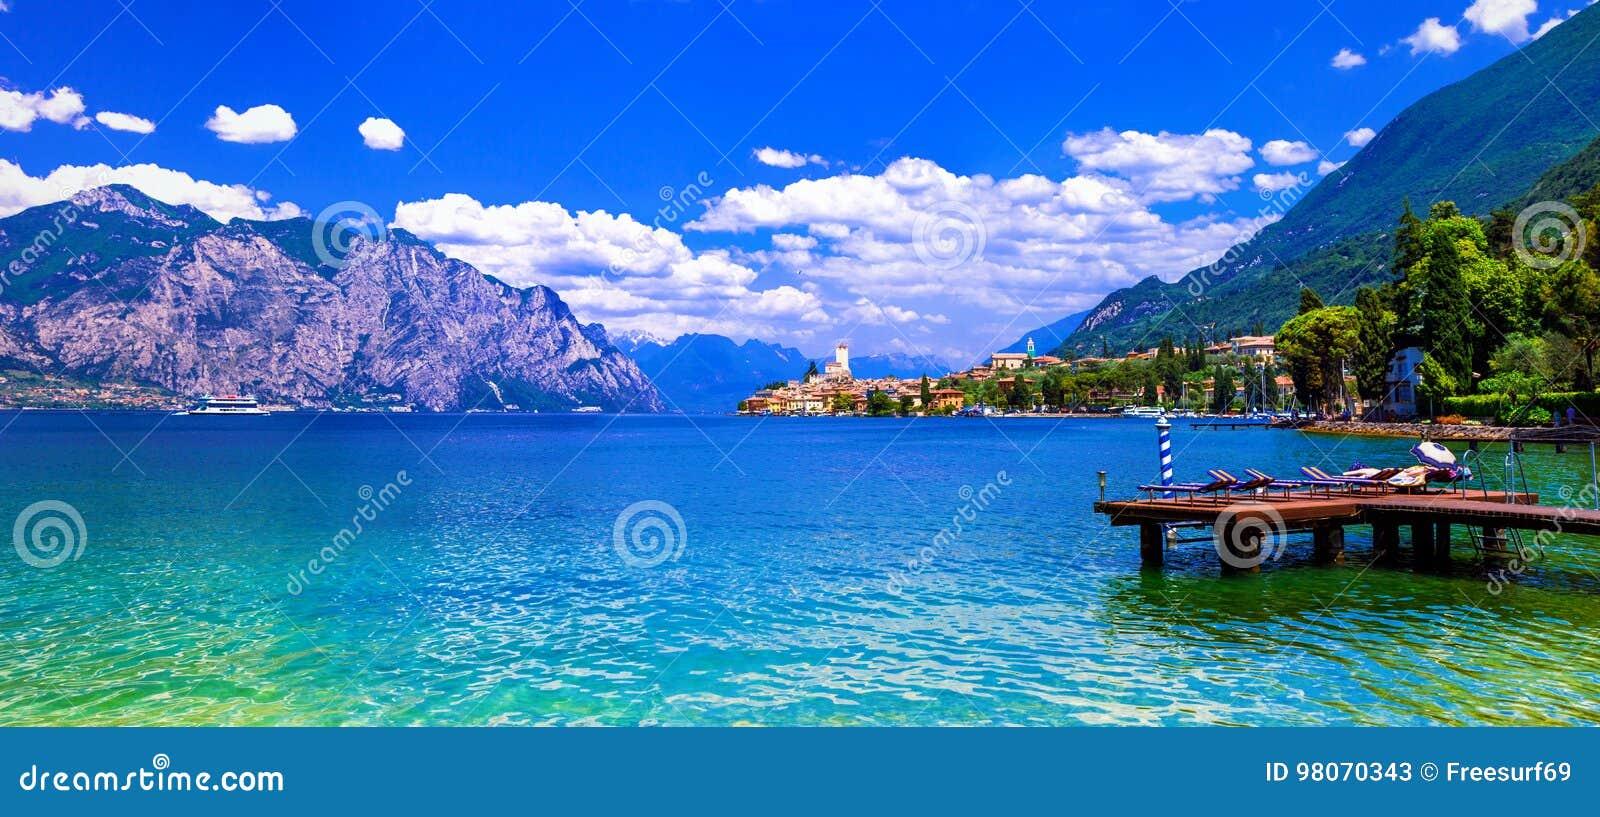 Lago di garda beautiful emerald lake in north of italy for Lago n